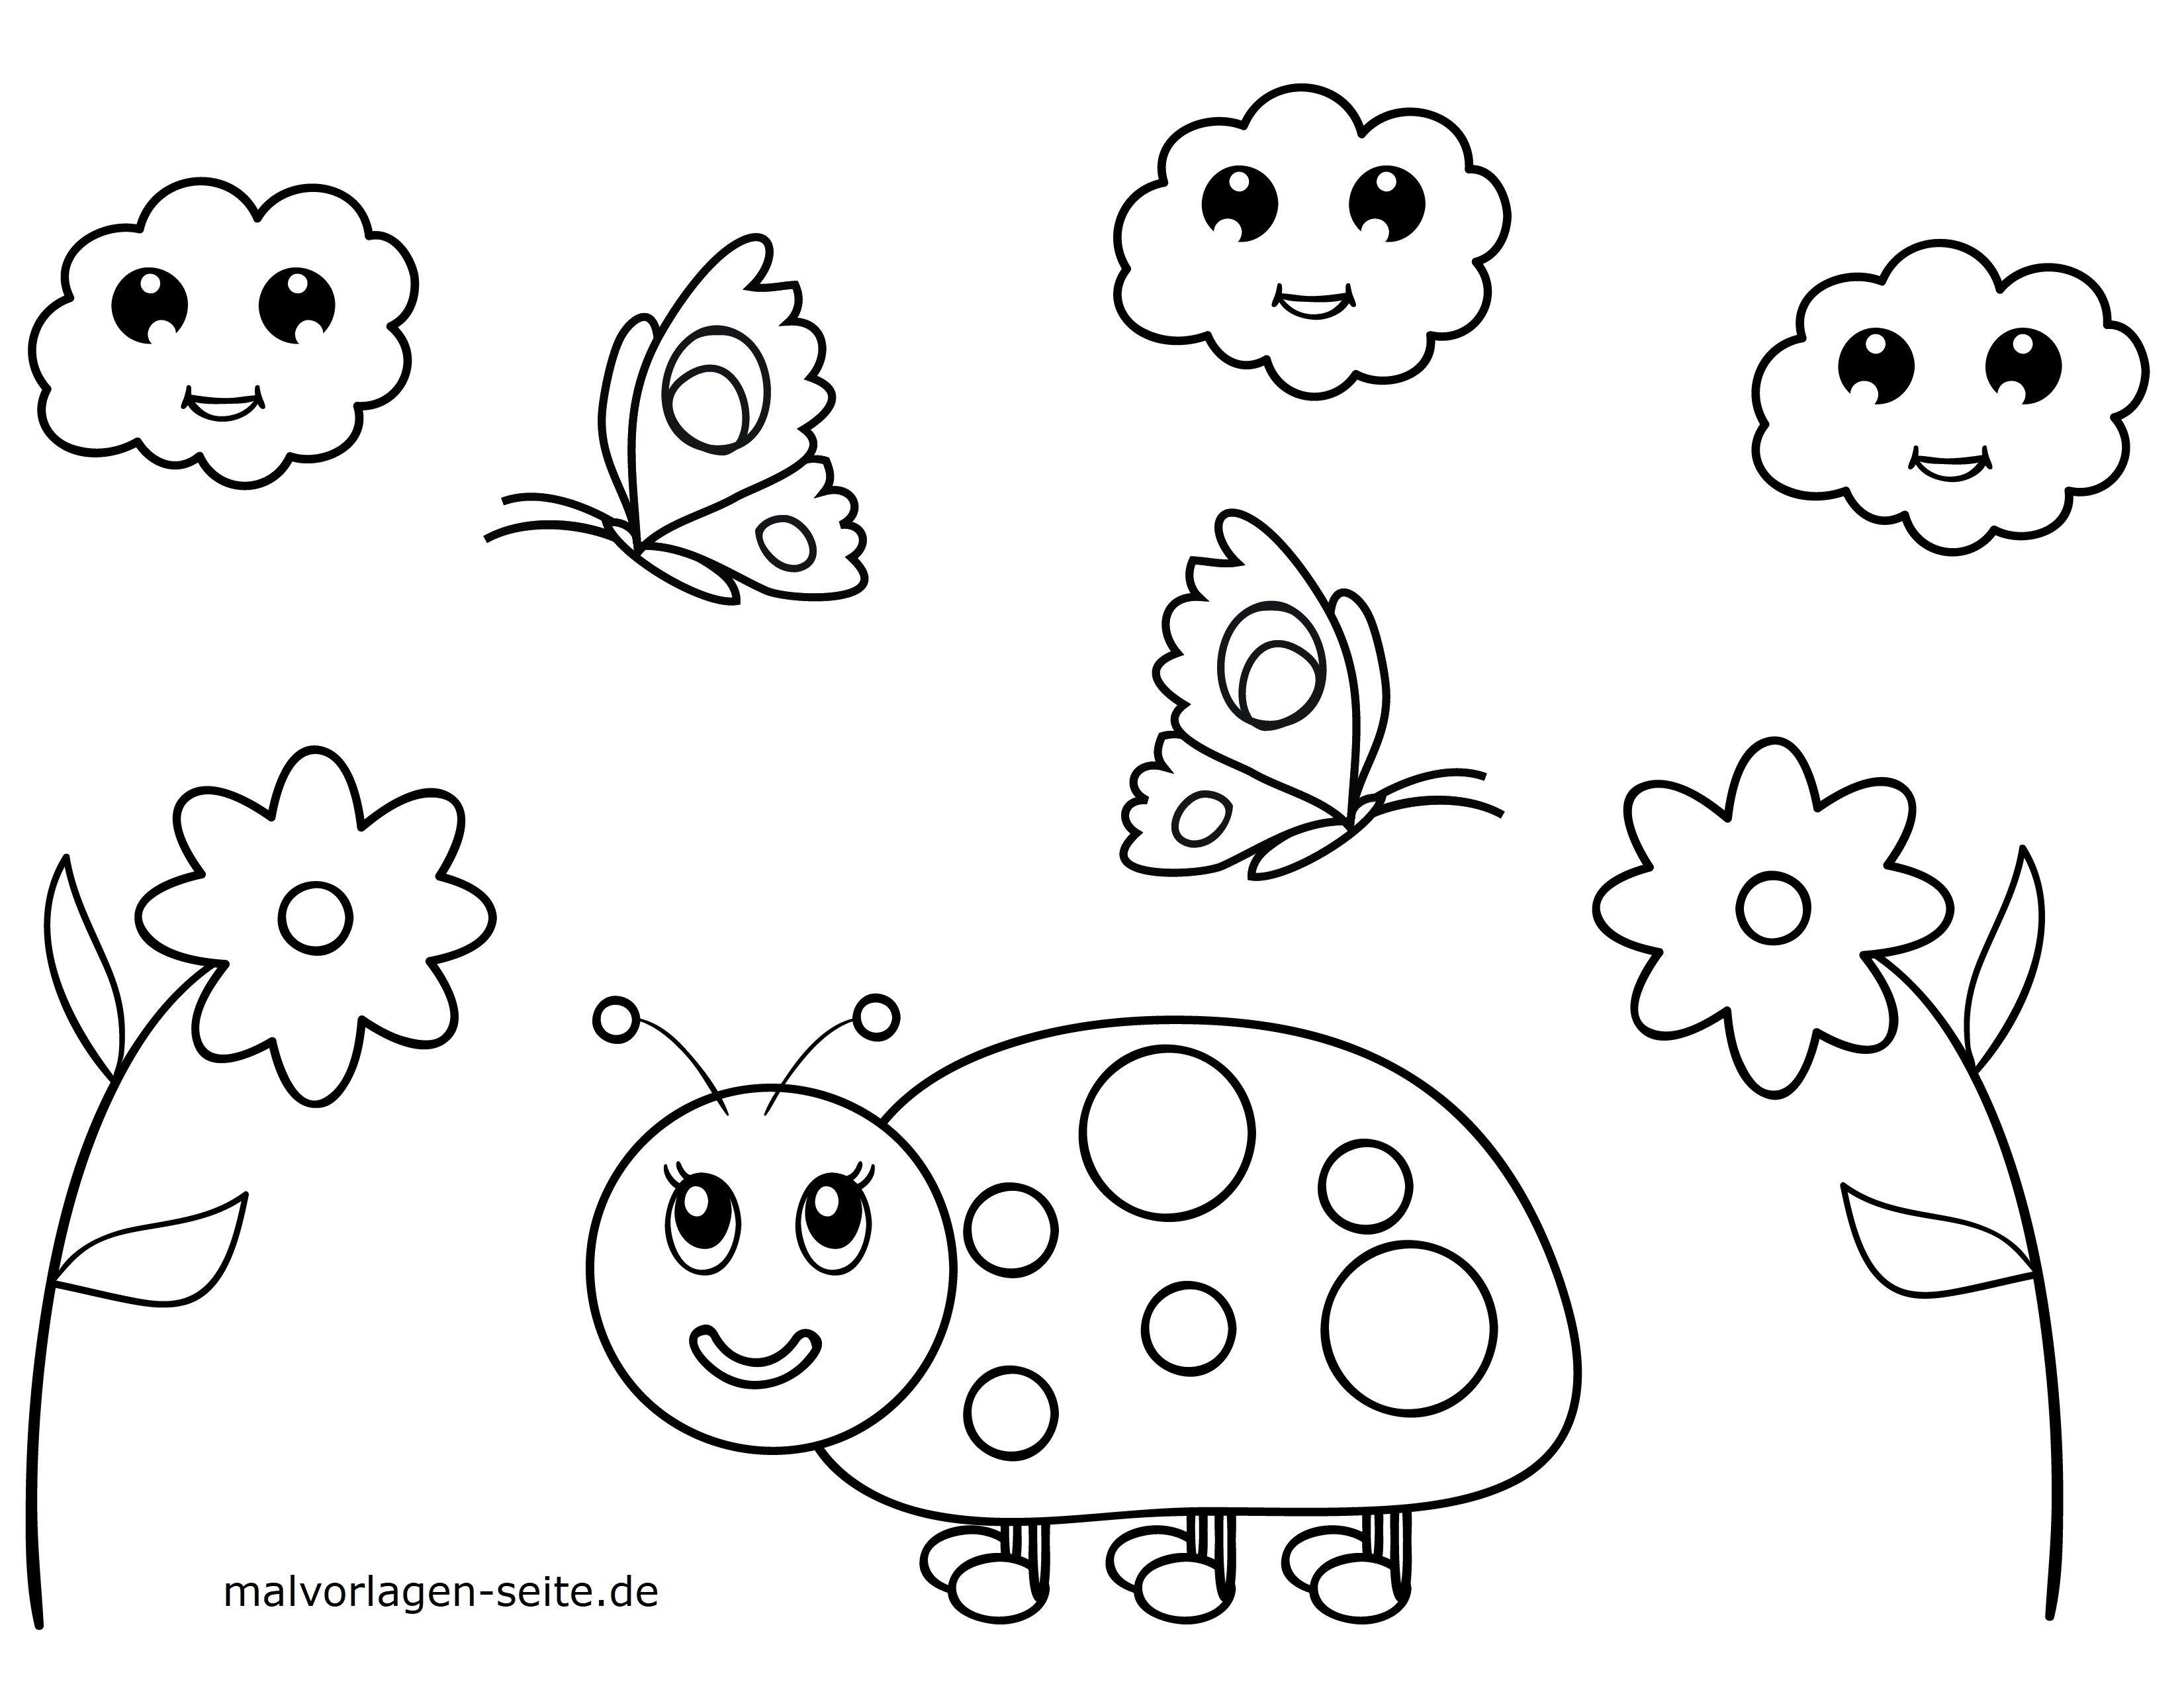 Malvorlagen Kleine Kinder Käfer Und Blumen